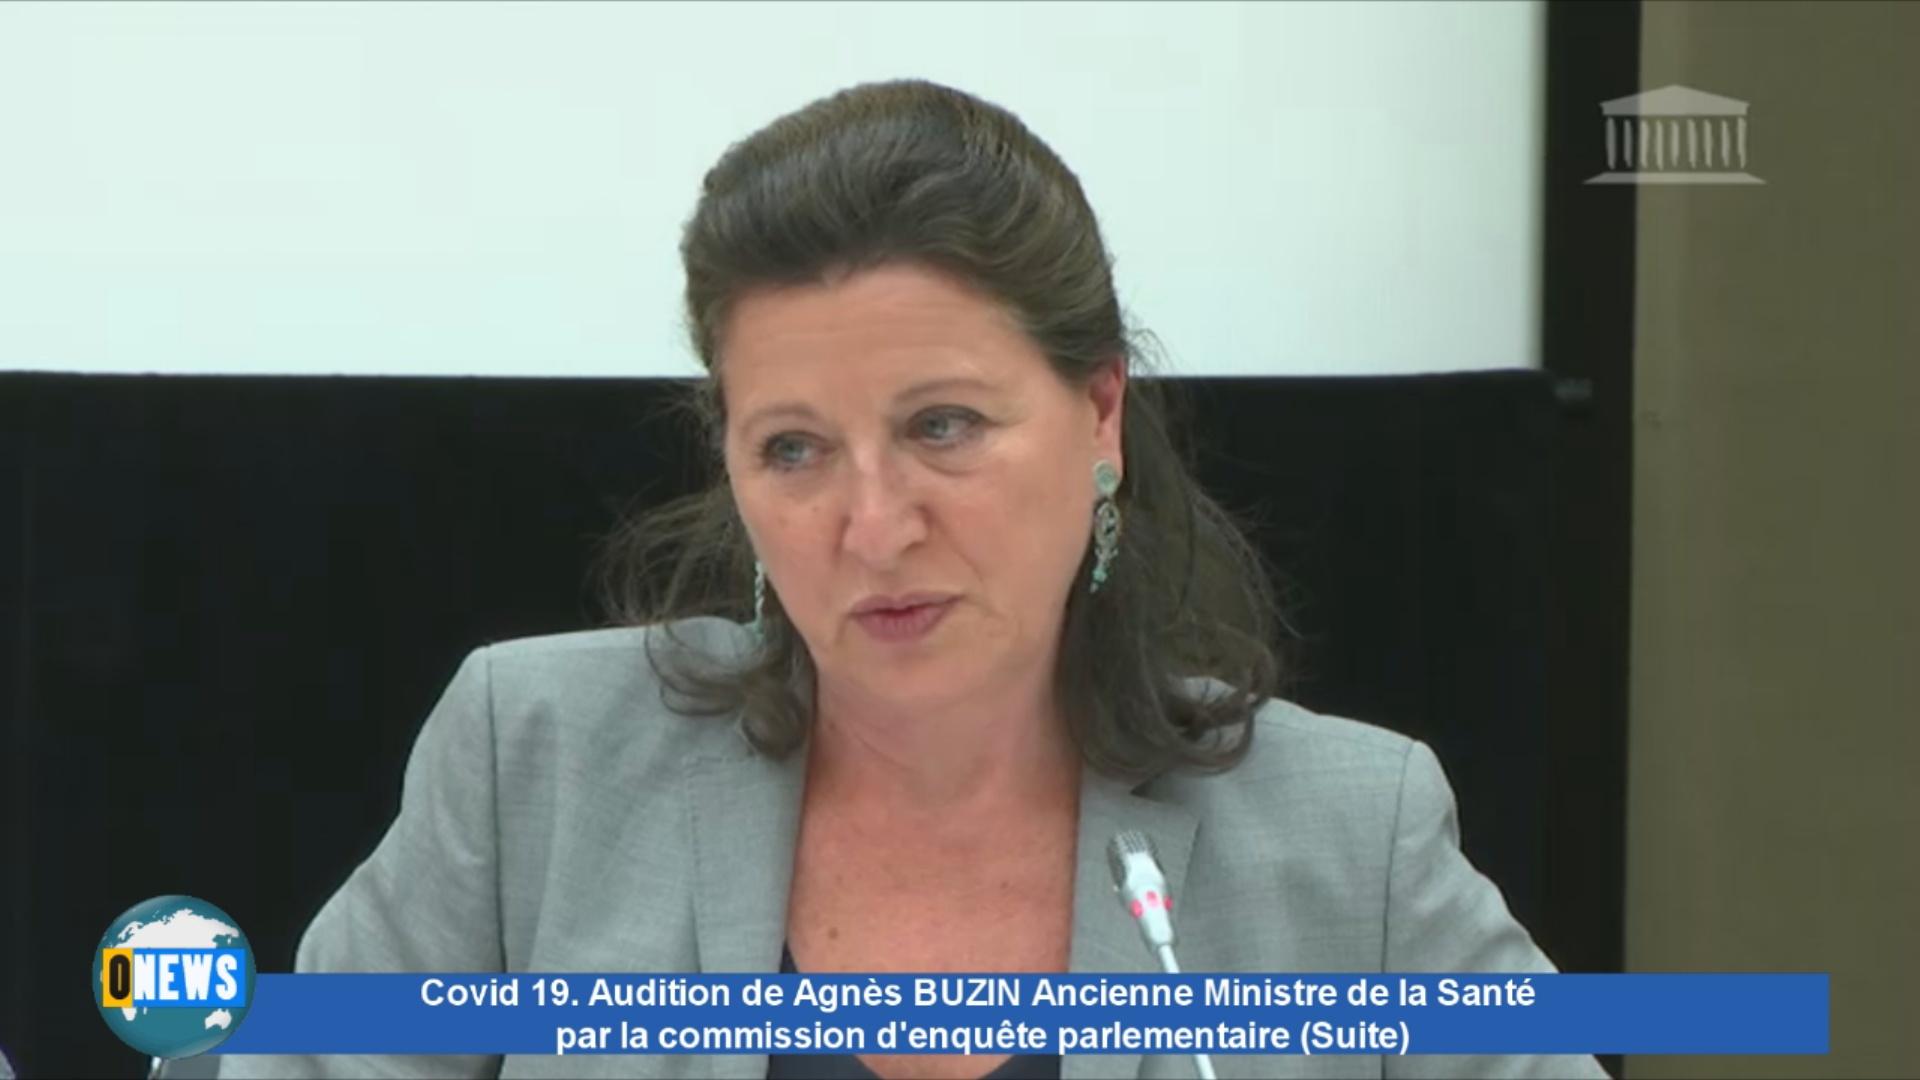 [Vidéo] Covid 19 Audition de Agnès BUZIN Ancienne Ministre de la Santé par la commission d'enquête parlementaire (suite)